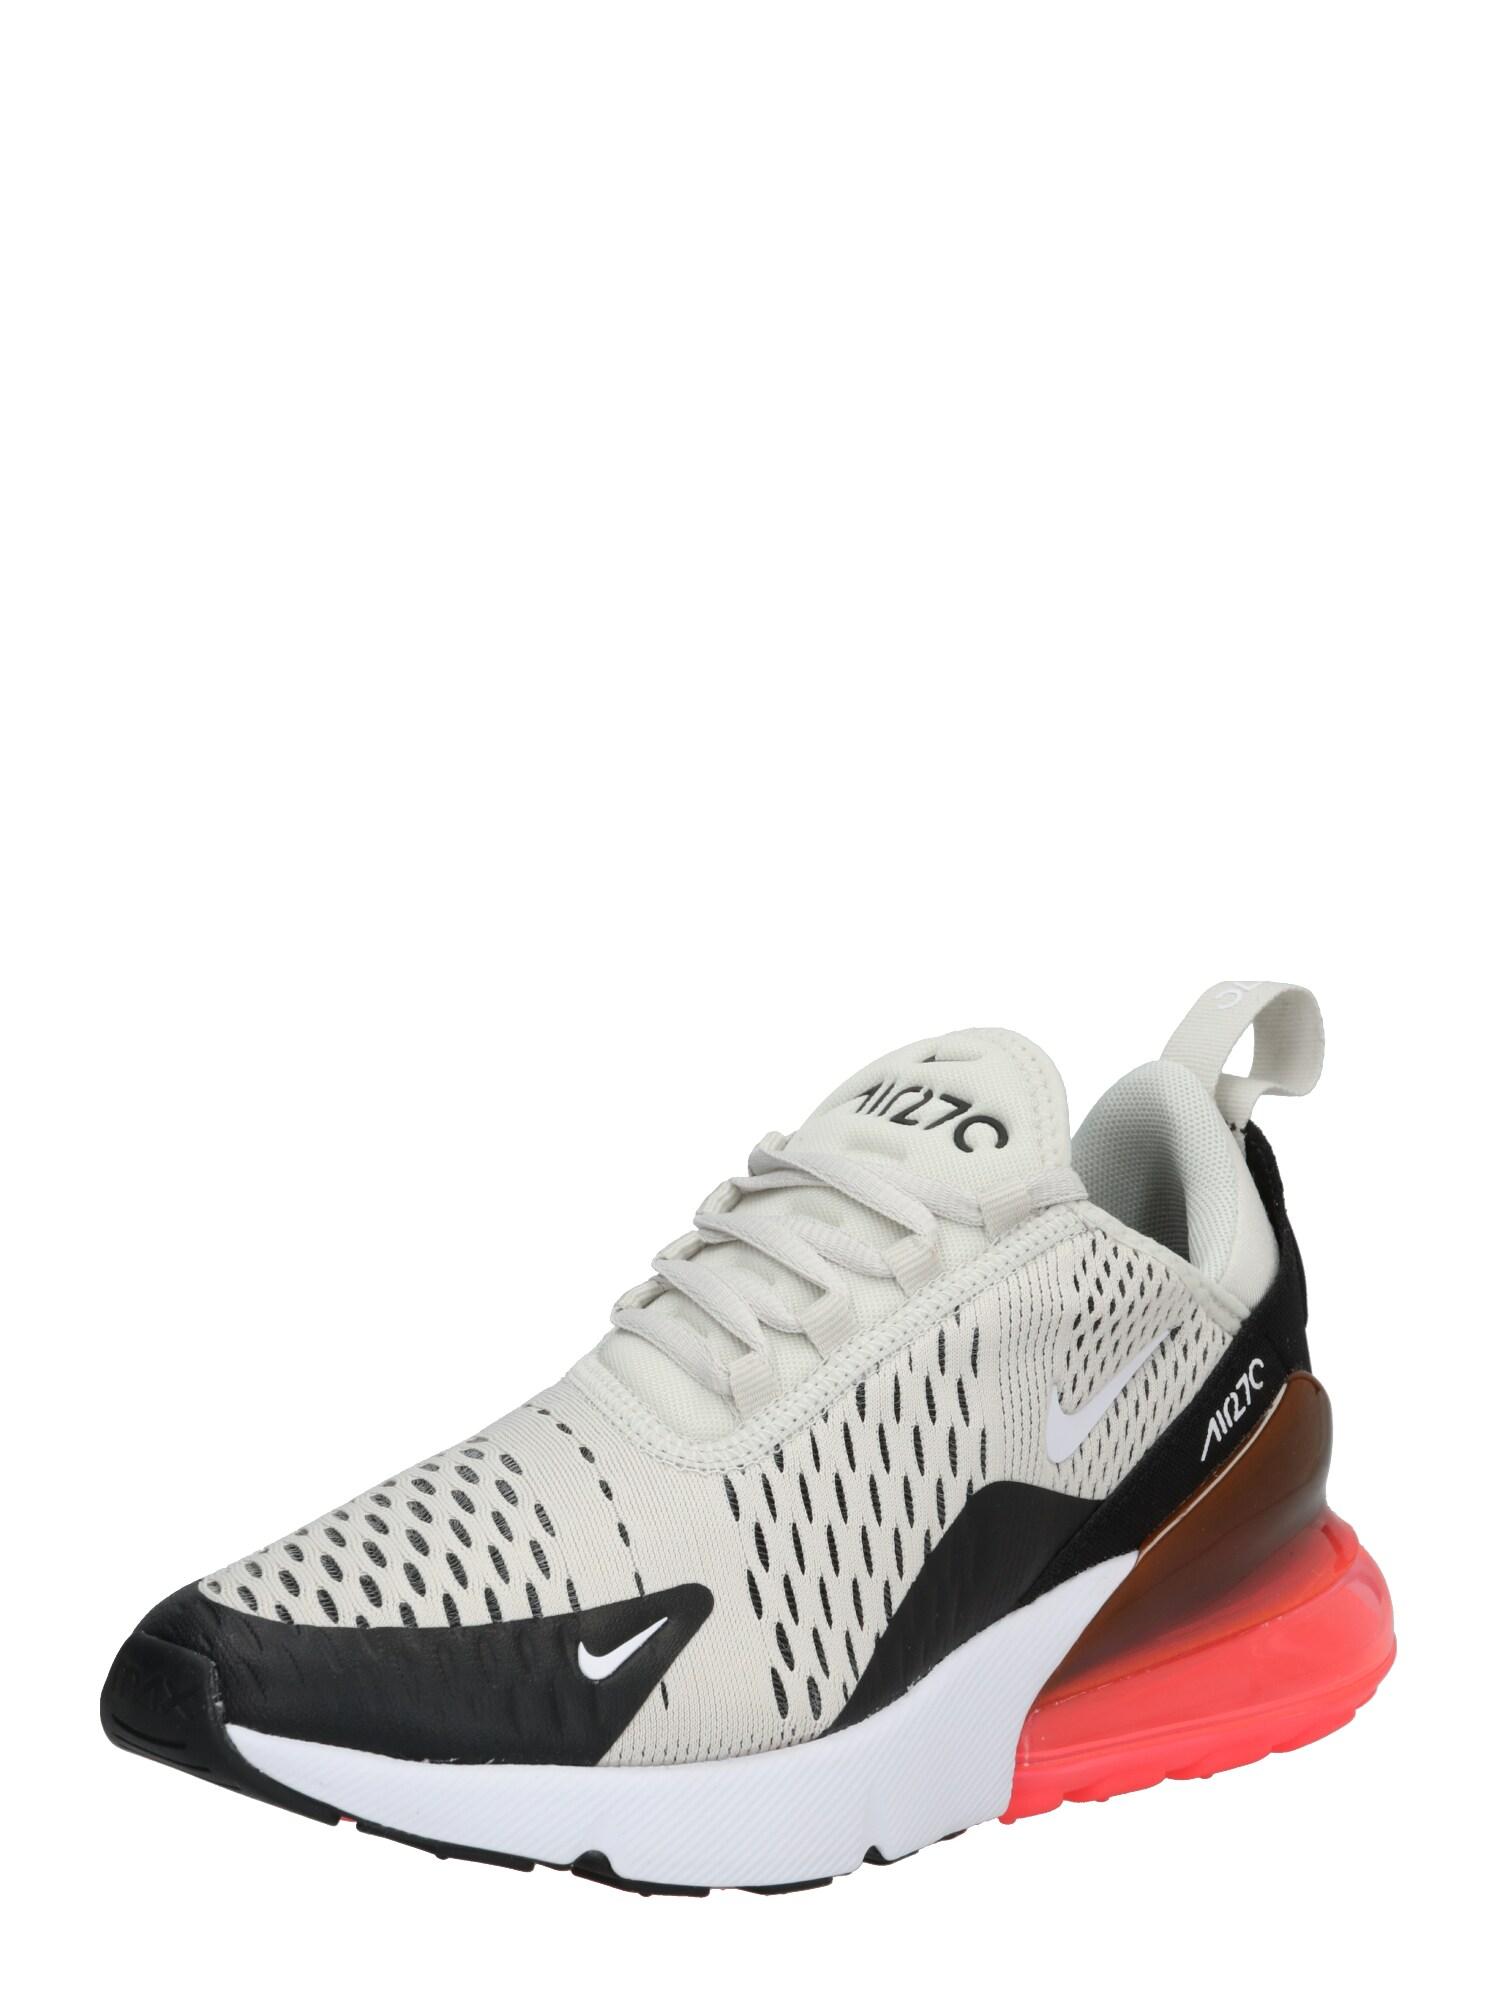 Tenisky Air Max 270 šedá černá Nike Sportswear